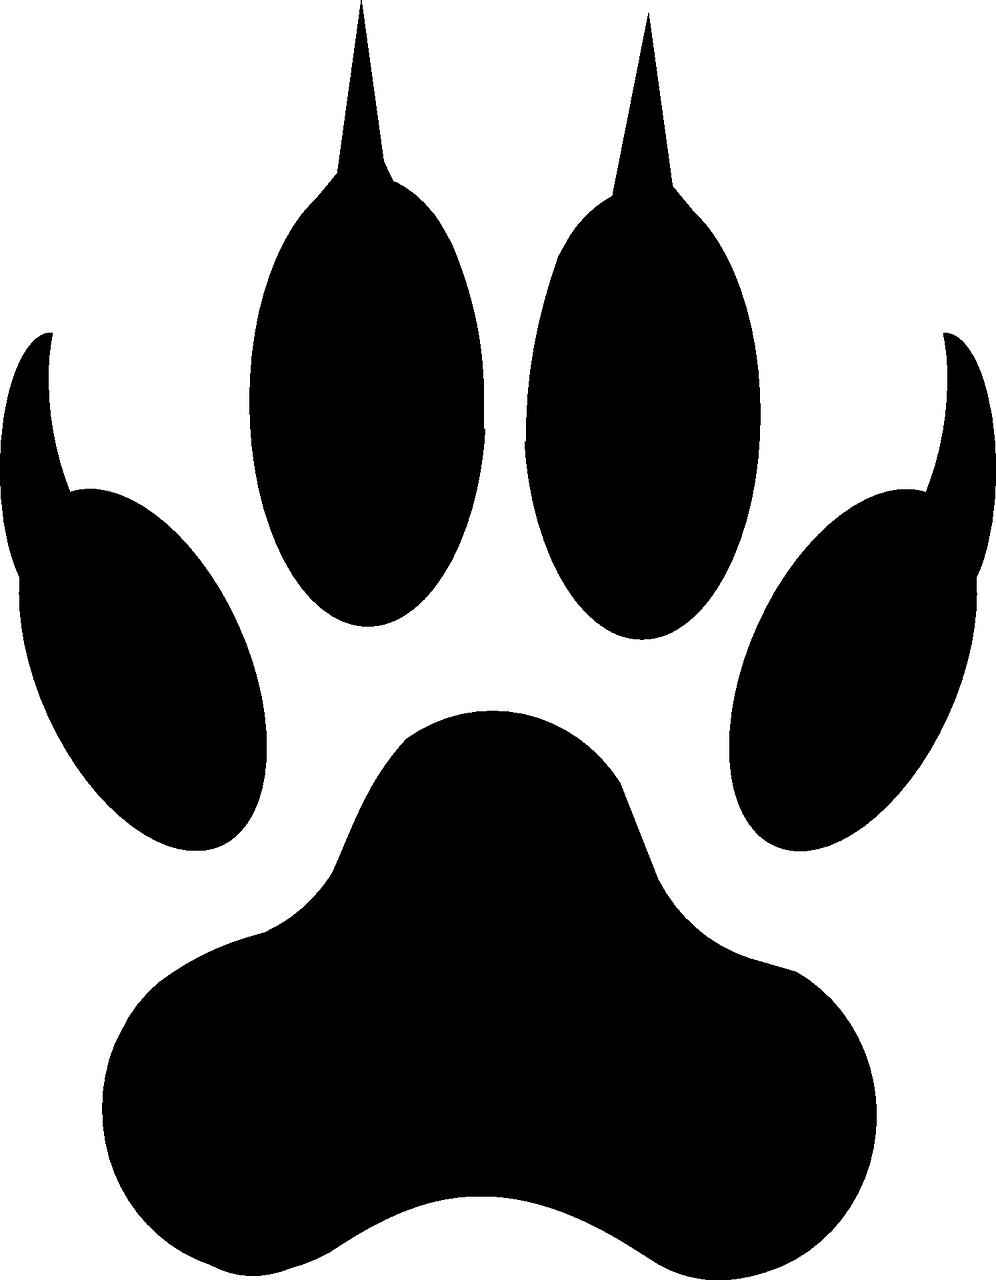 ethischer Verkauf-kompetenzen-ulrike-knauer-verkauf-vertrieb-verkaufsseminar-verkaufstraining-muenchen-zufriedenheit-spitzenverkaeufer-wolf